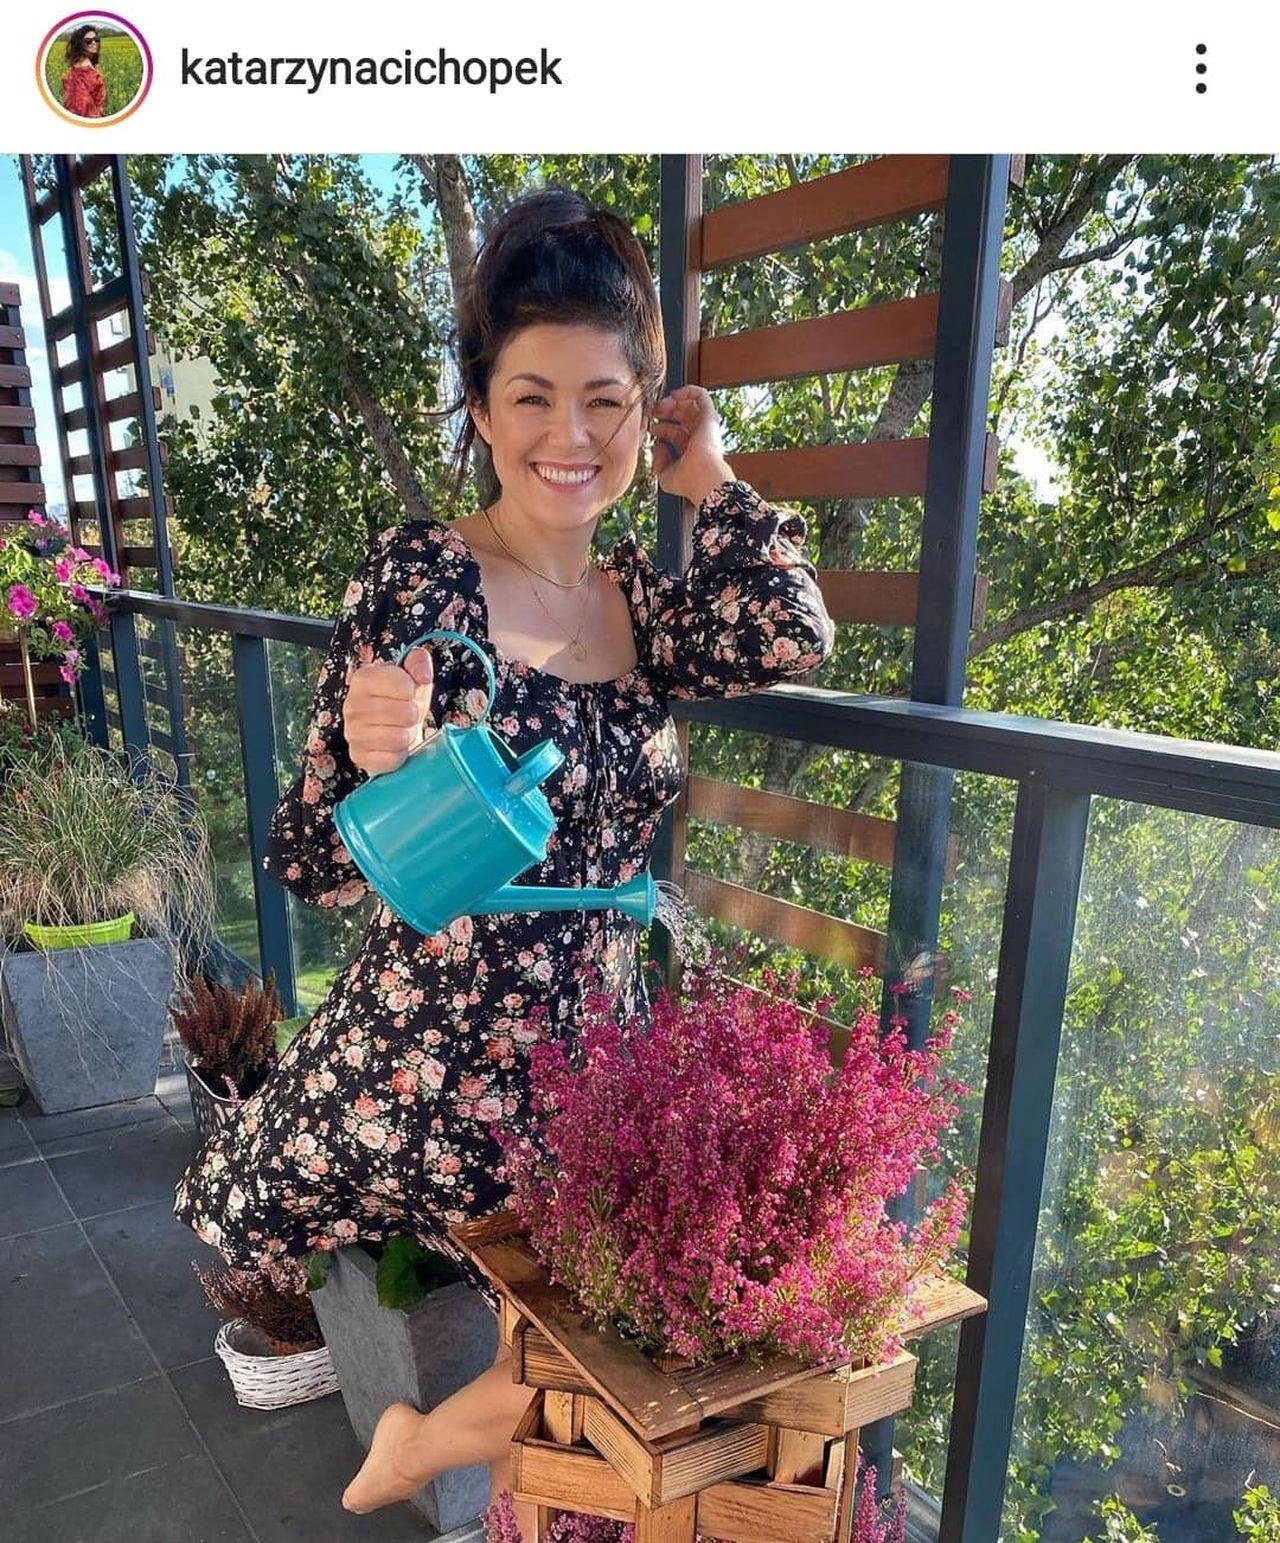 Katarzyna Cichopek podlewa kwiaty